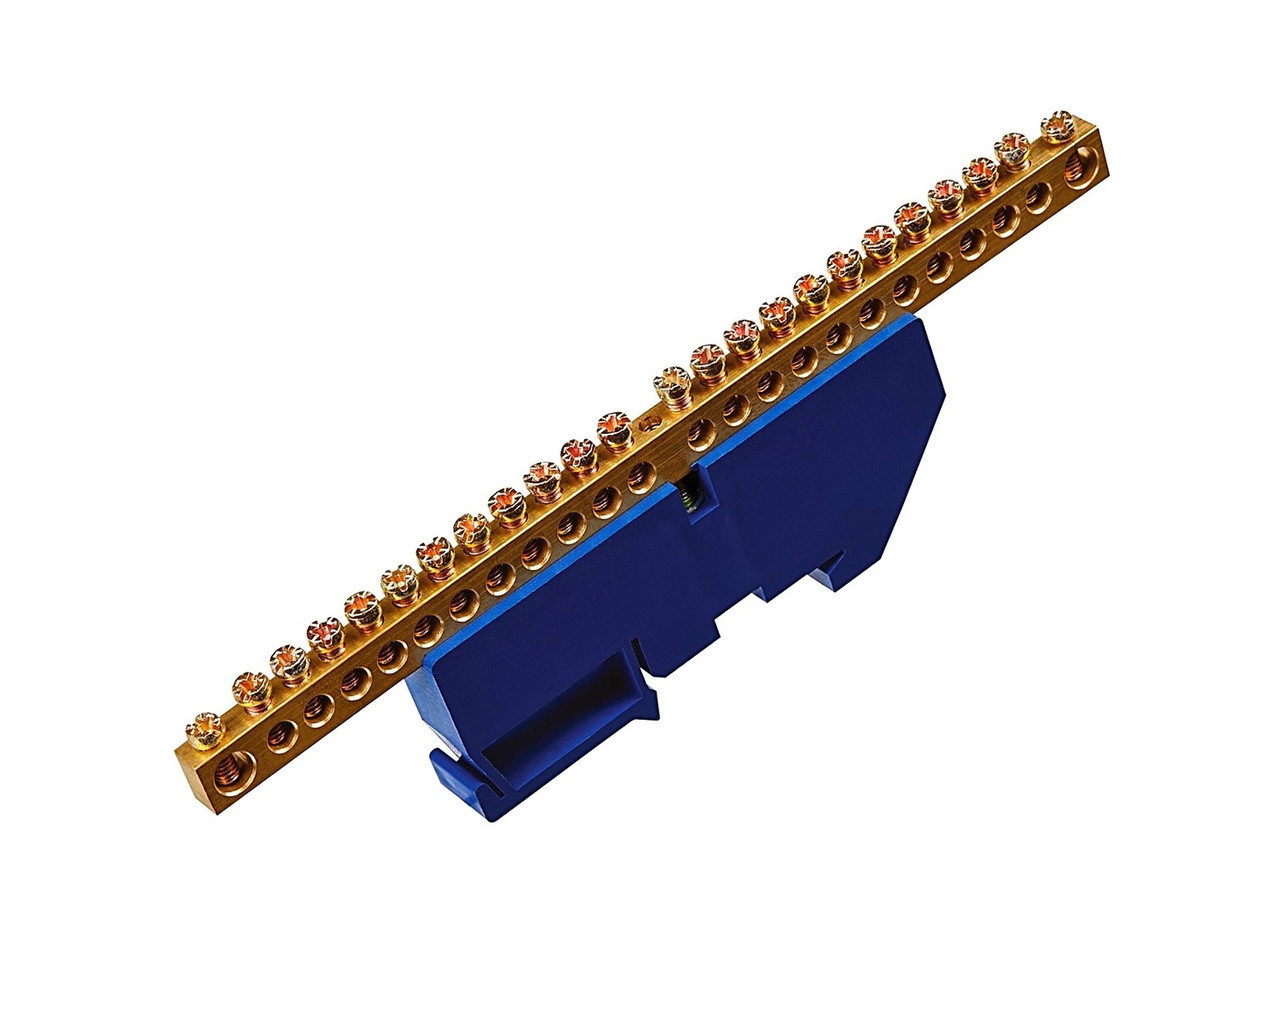 Шина изолированная «N» на DIN-рейку ШЛІ 6х9-24 TechnoSystems TNSy5500189